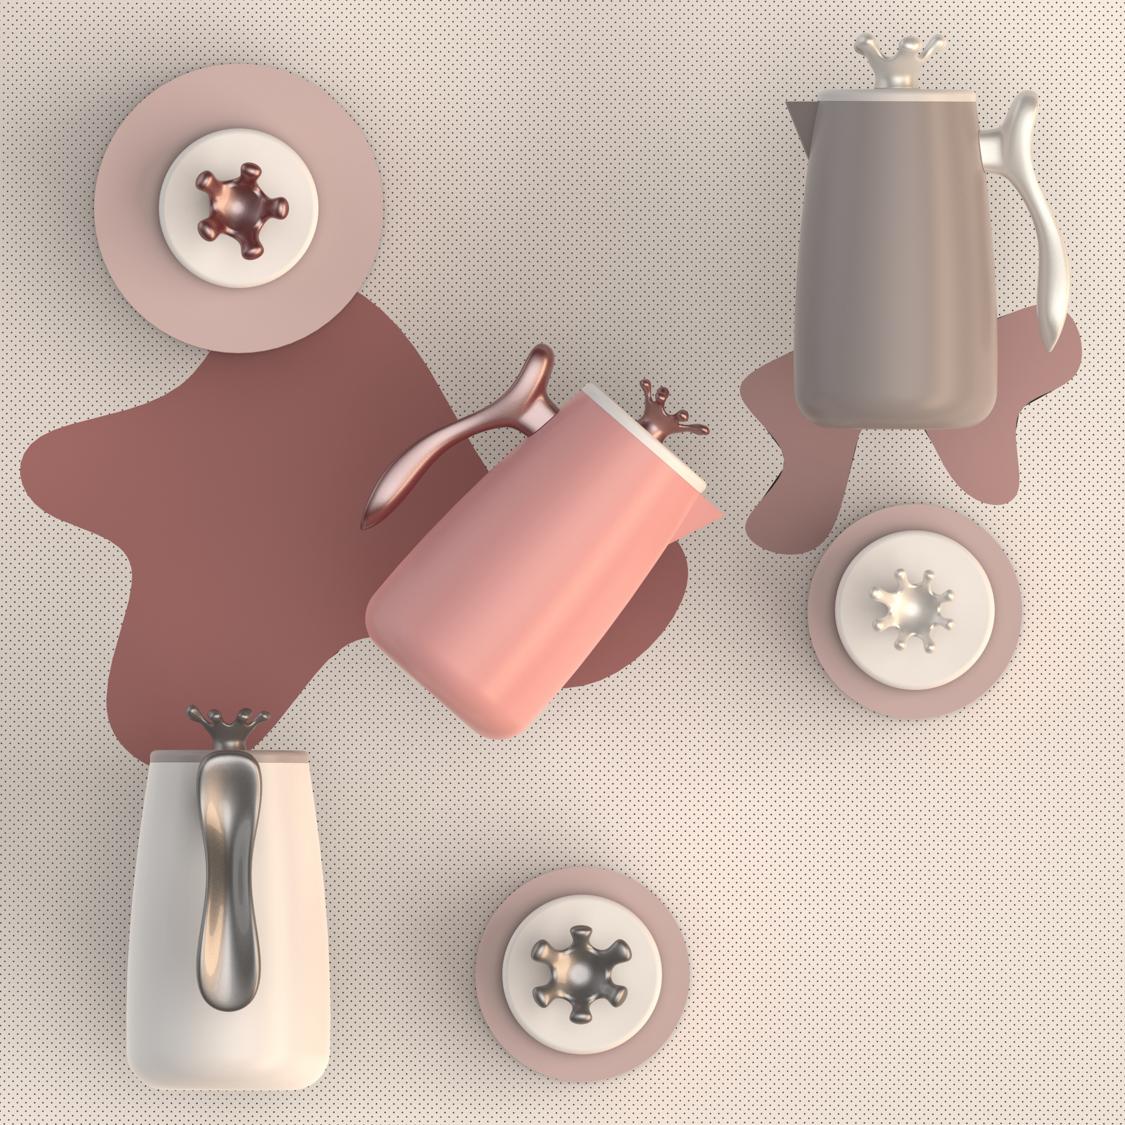 [厨具产品]杯子/壶/玻璃杯/儿童杯外观设计/工业设计/外形